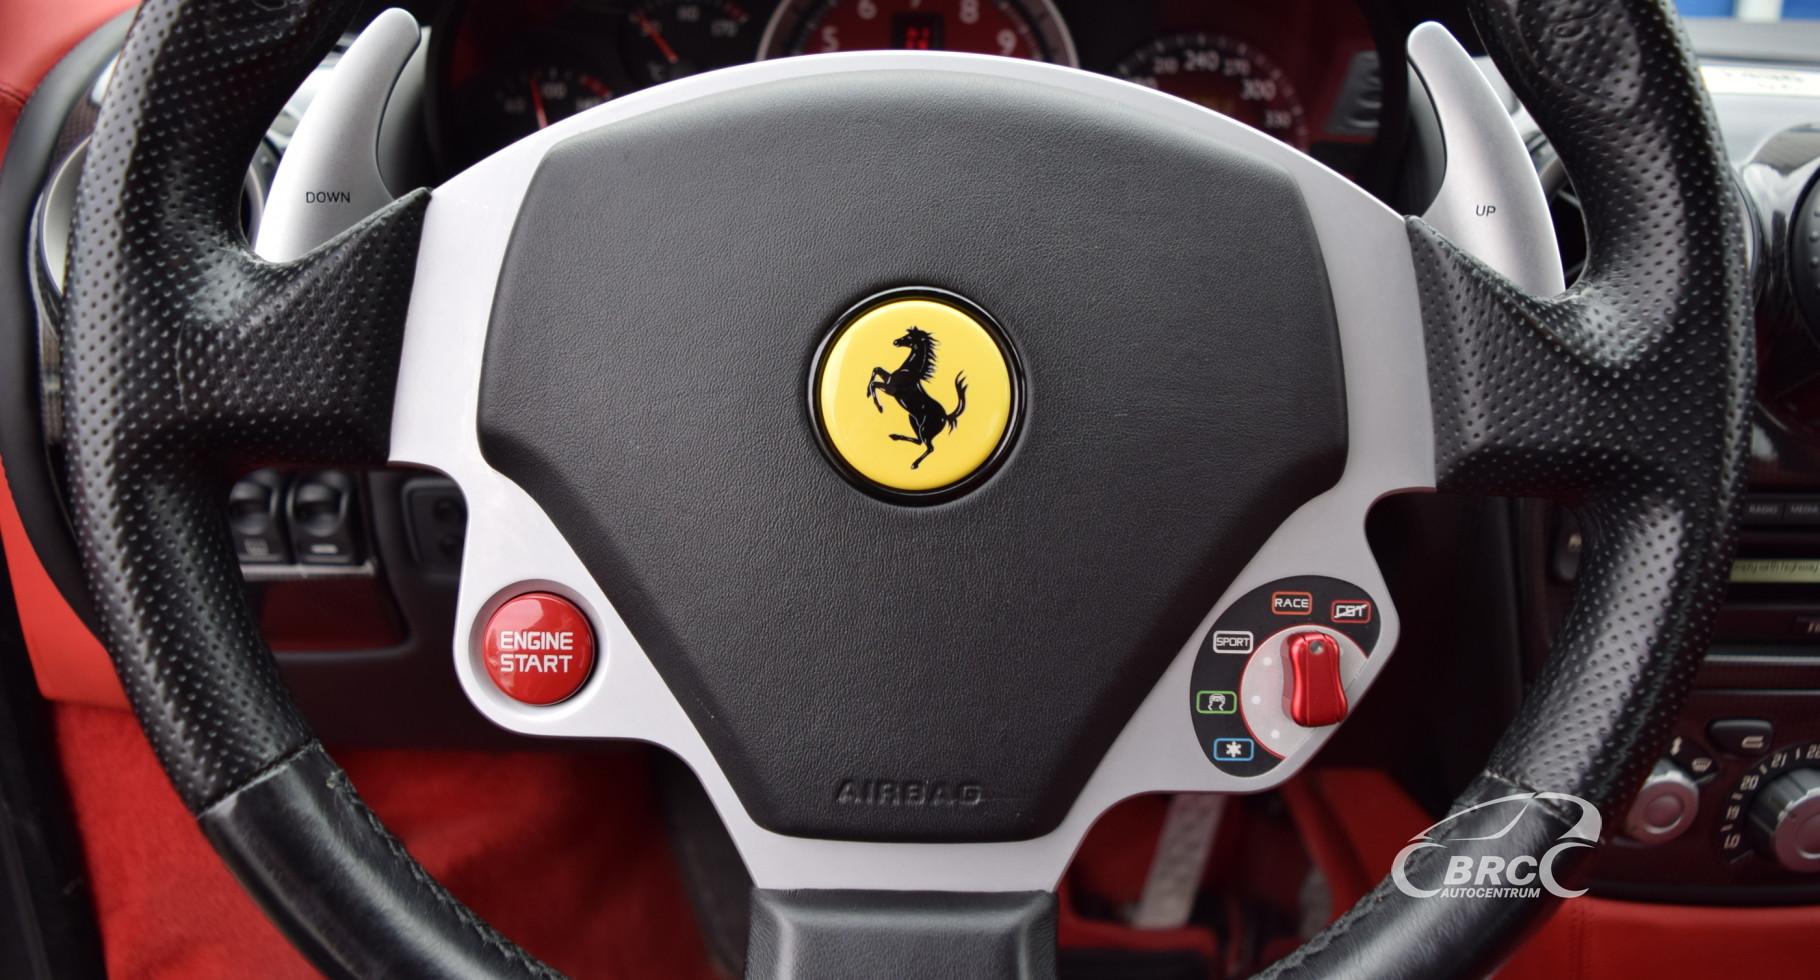 Ferrari F430 Ceramic Carbon